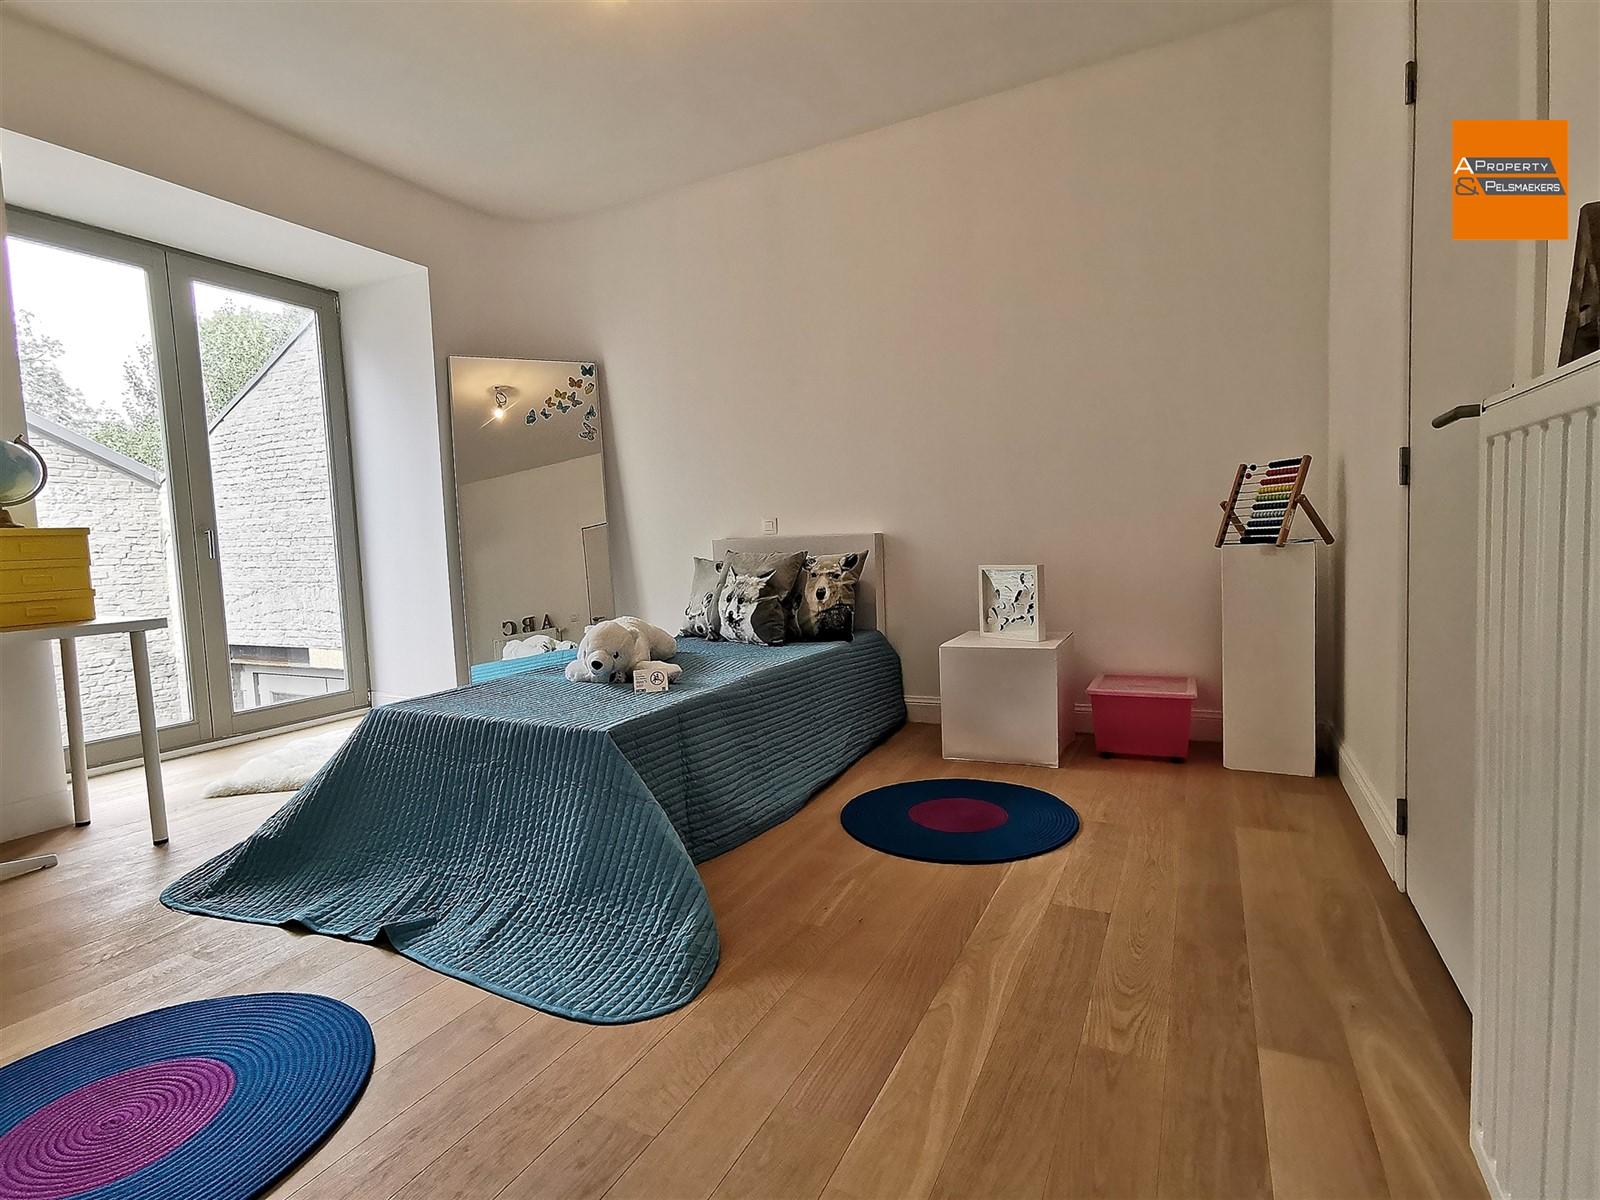 Image 14 : Appartement à 1070 Anderlecht (Belgique) - Prix 444.730 €